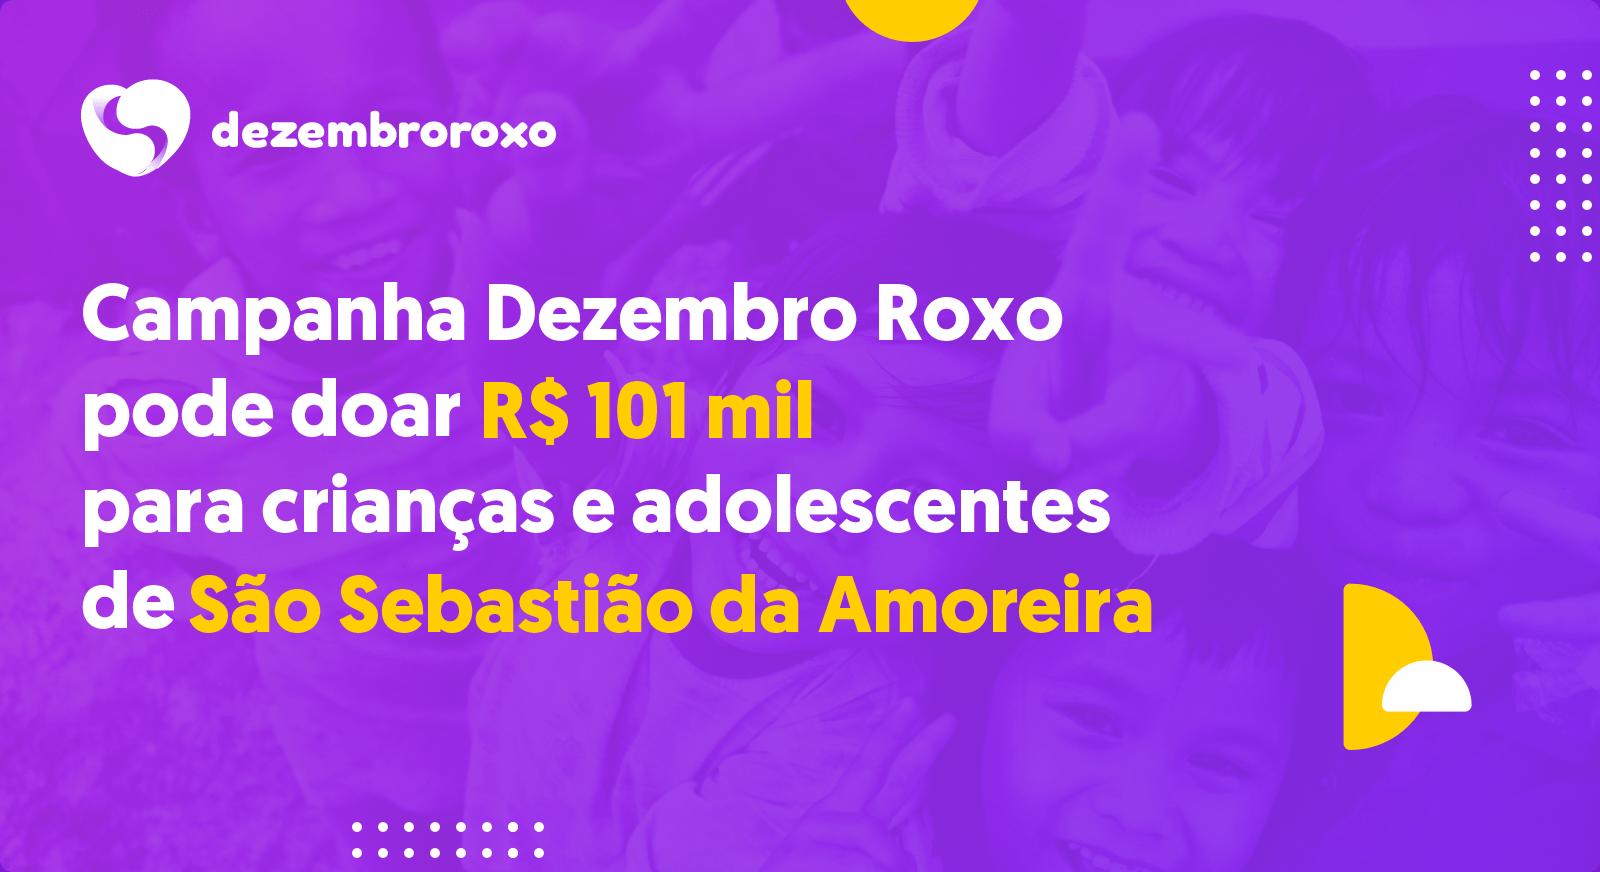 Doações em São Sebastião da Amoreira - PR